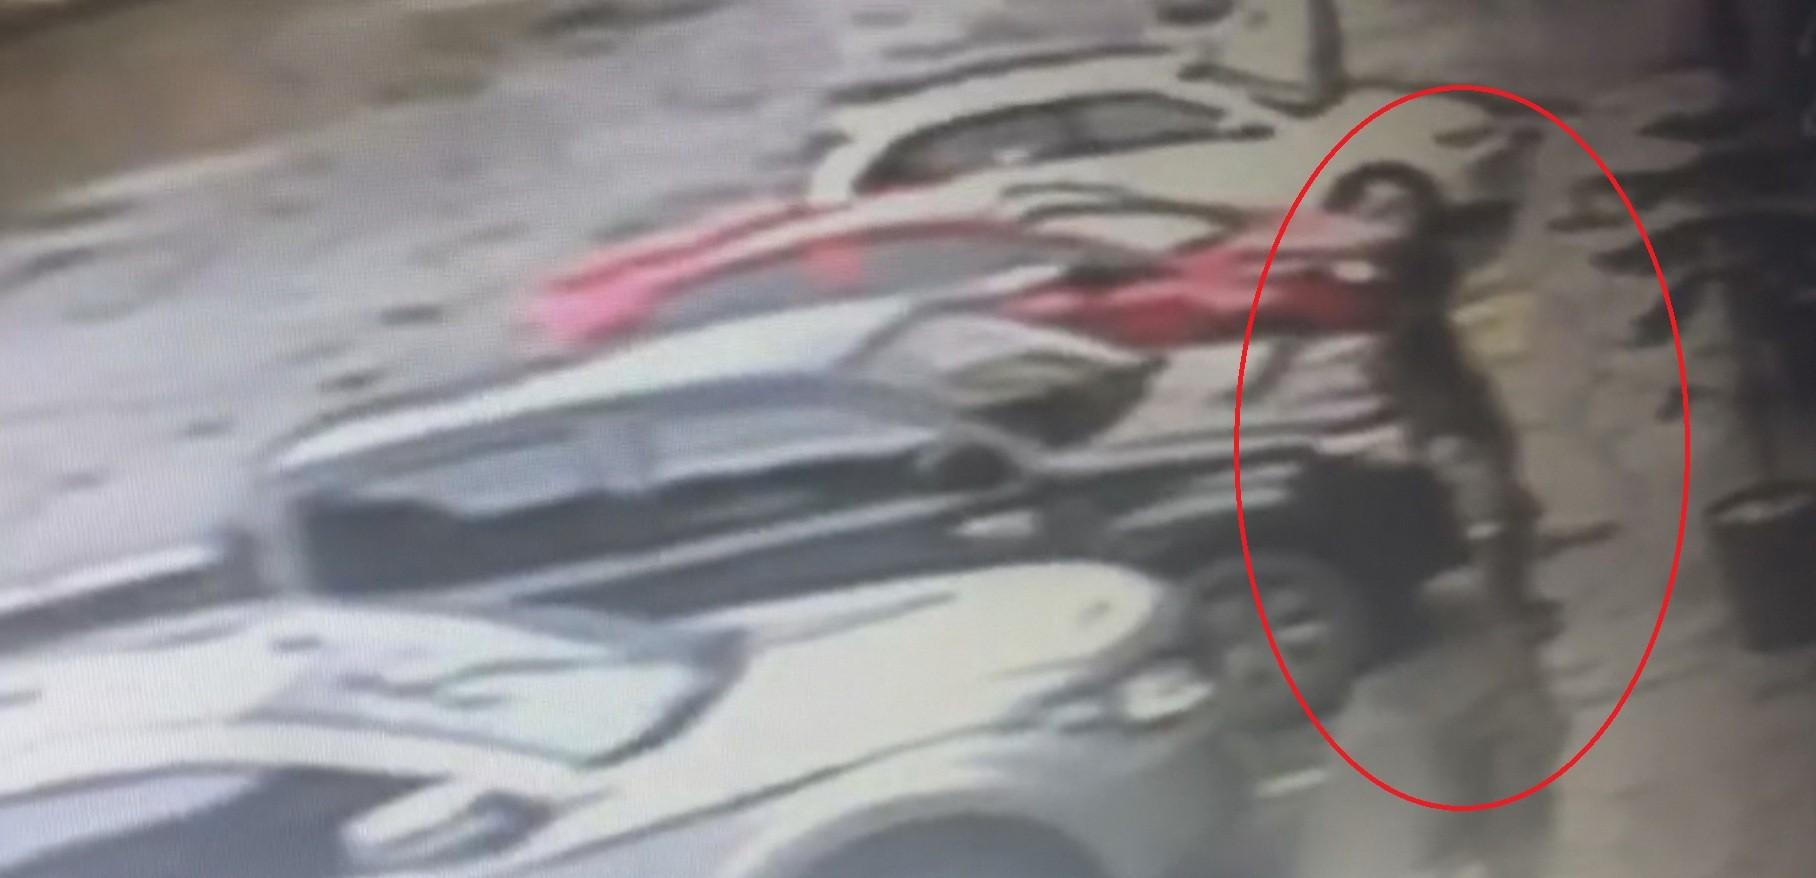 Jovem suspeito de furtar R$ 35 mil de carro em estacionamento é preso em Macapá - Noticias